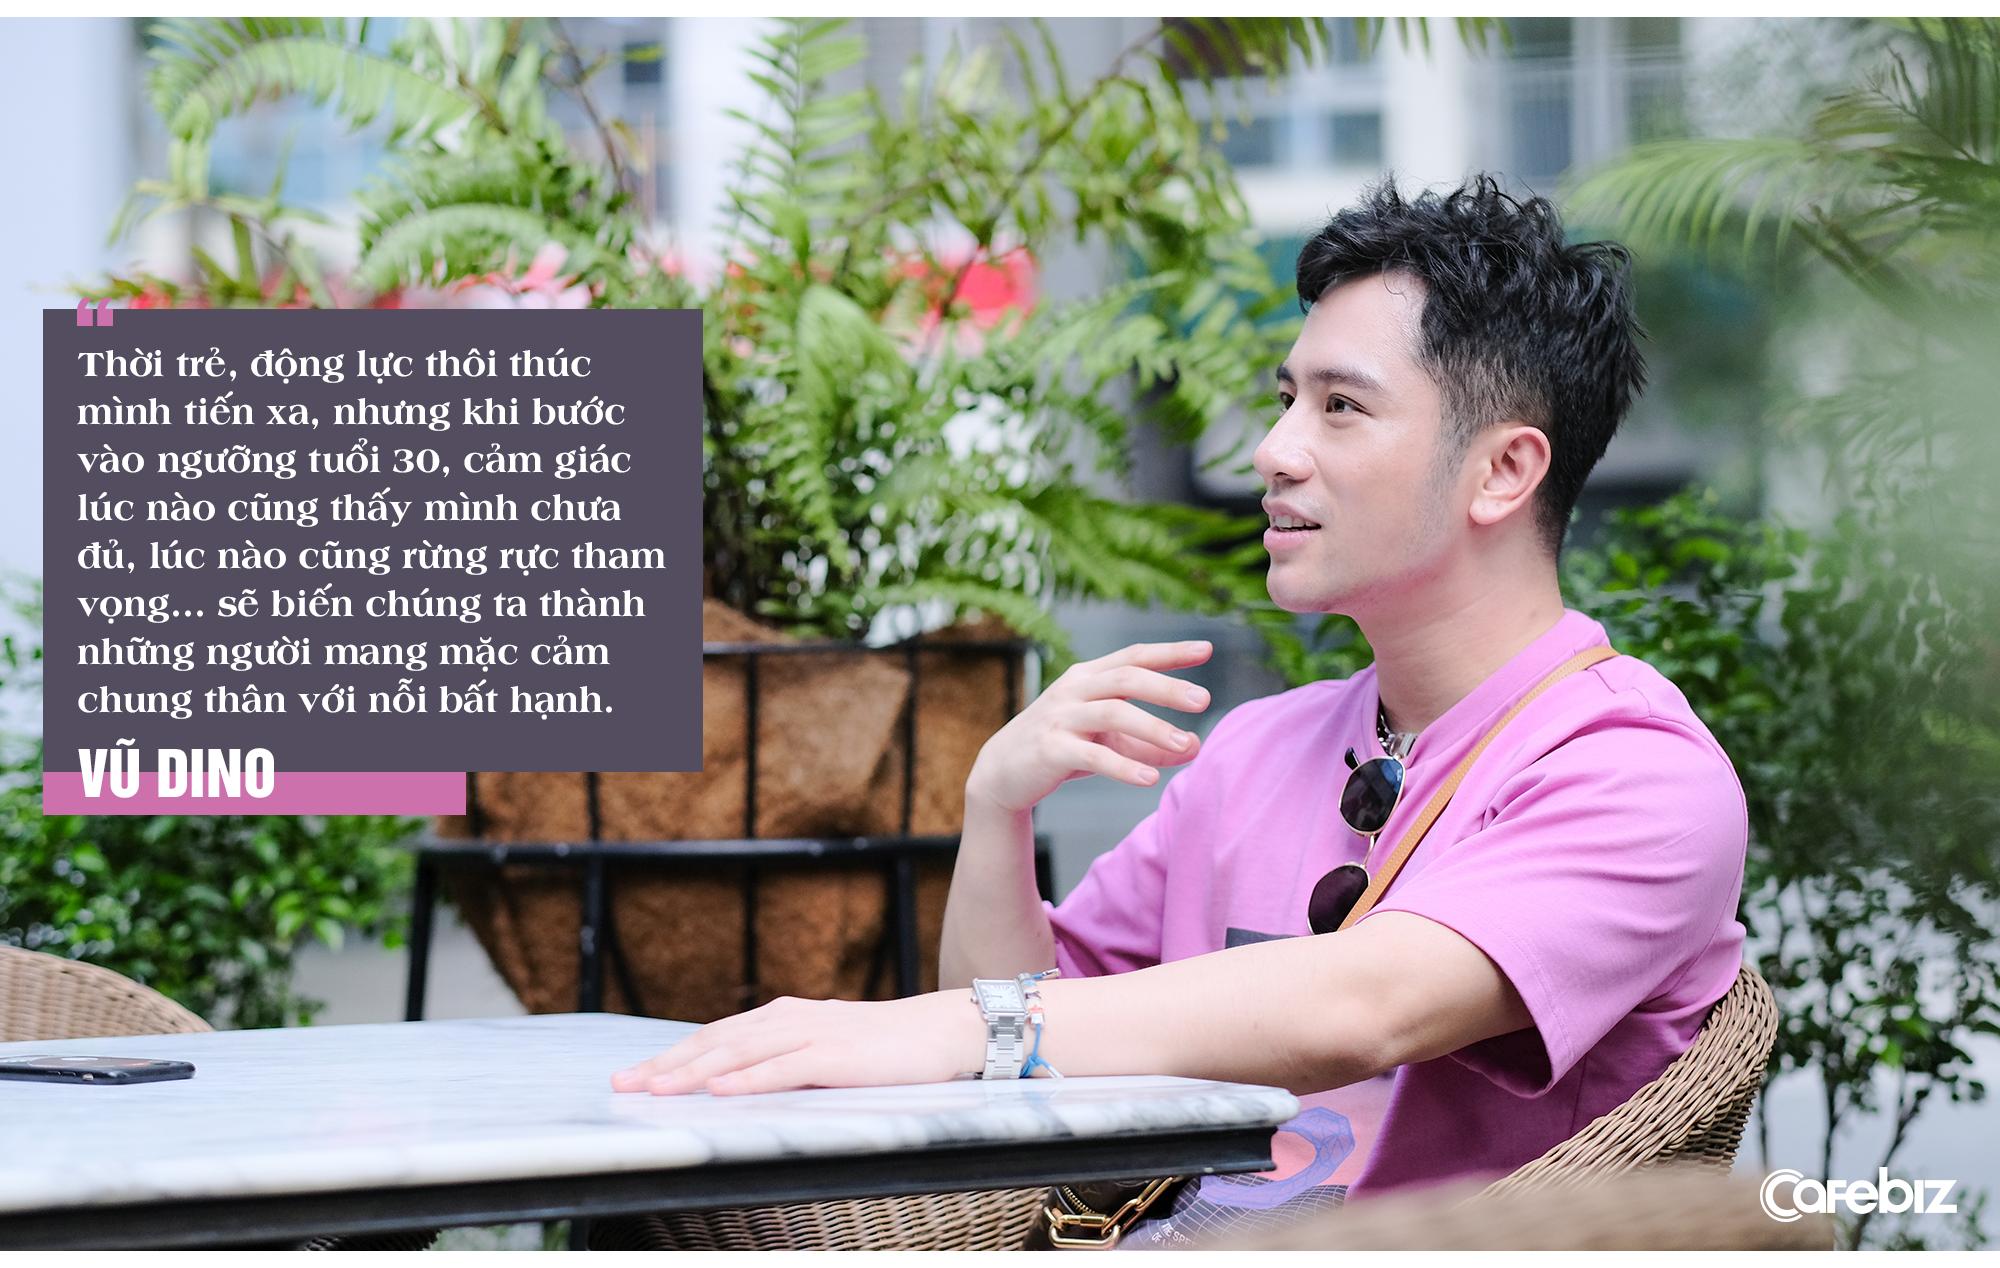 Food Blogger Vũ Dino: 'Trước tuổi 30 chớ nên tiết kiệm tiền, vì tiết kiệm cũng chẳng được bao nhiêu; thứ bạn nên tích luỹ nhất là kinh nghiệm và trải nghiệm' - Ảnh 6.